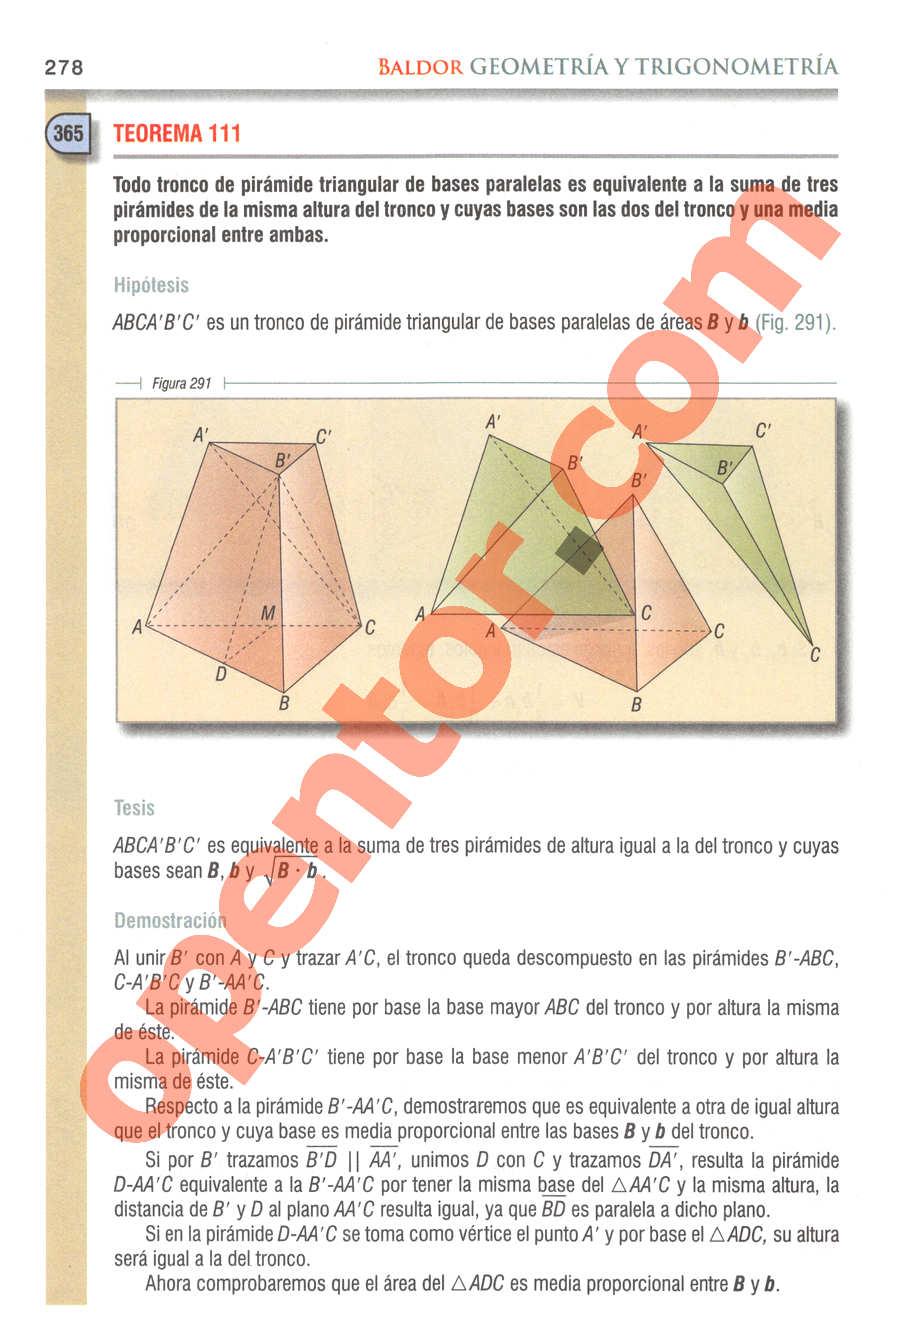 Geometría y Trigonometría de Baldor - Página 278